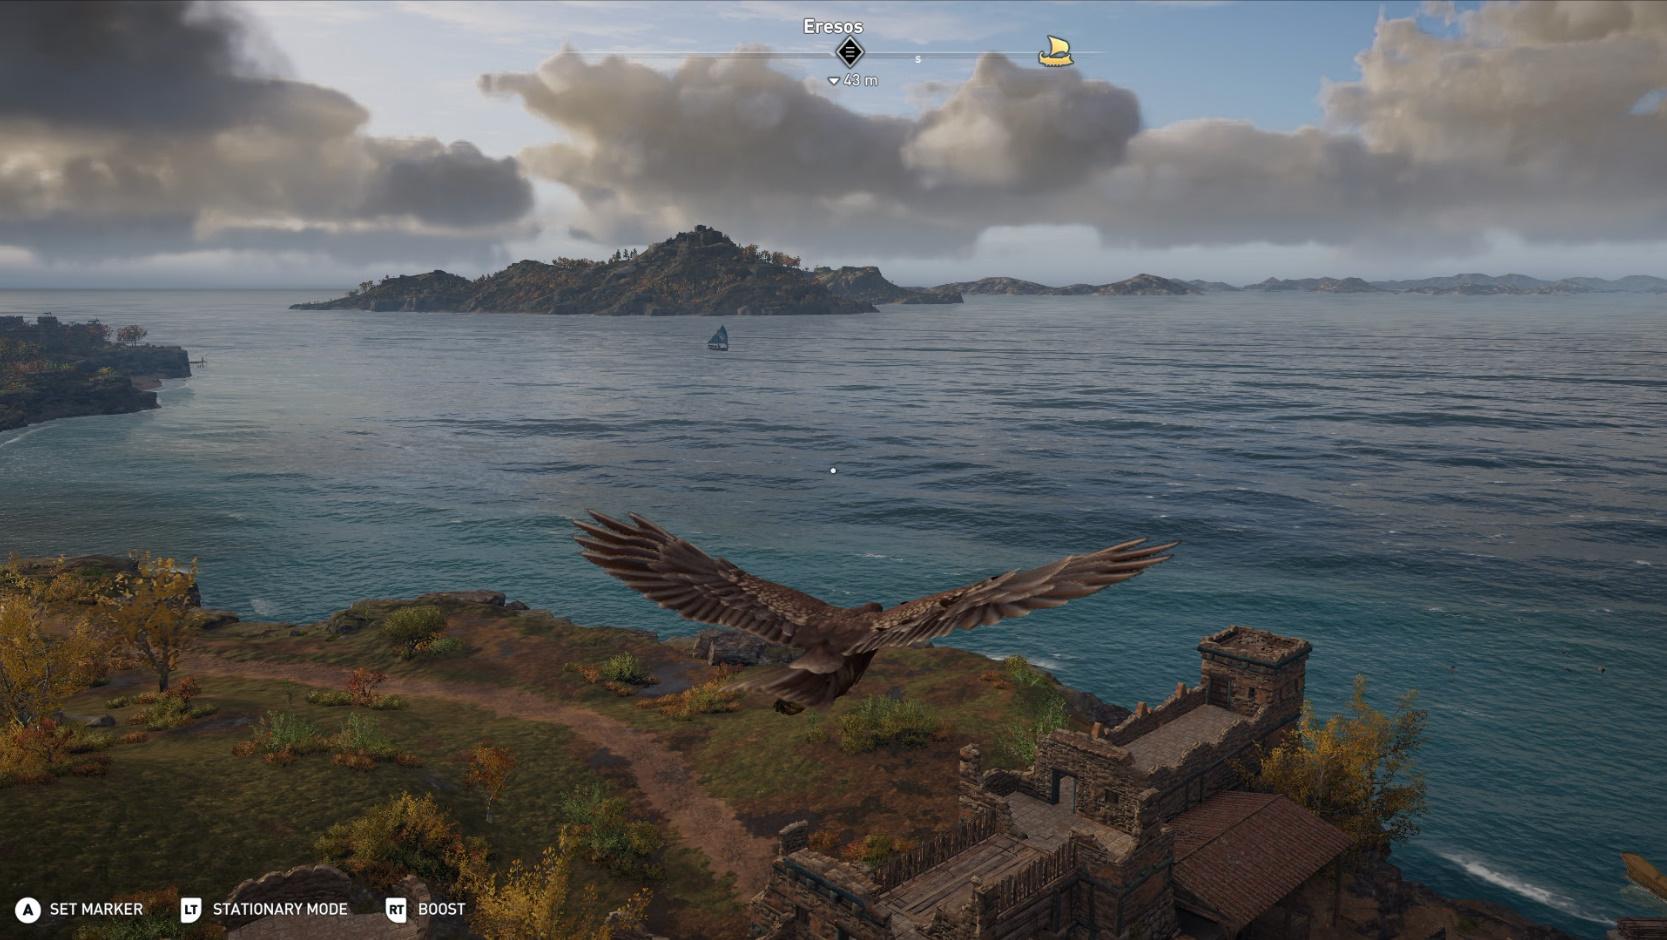 美しい地中海の風景は、見ているだけですがすがしくなる